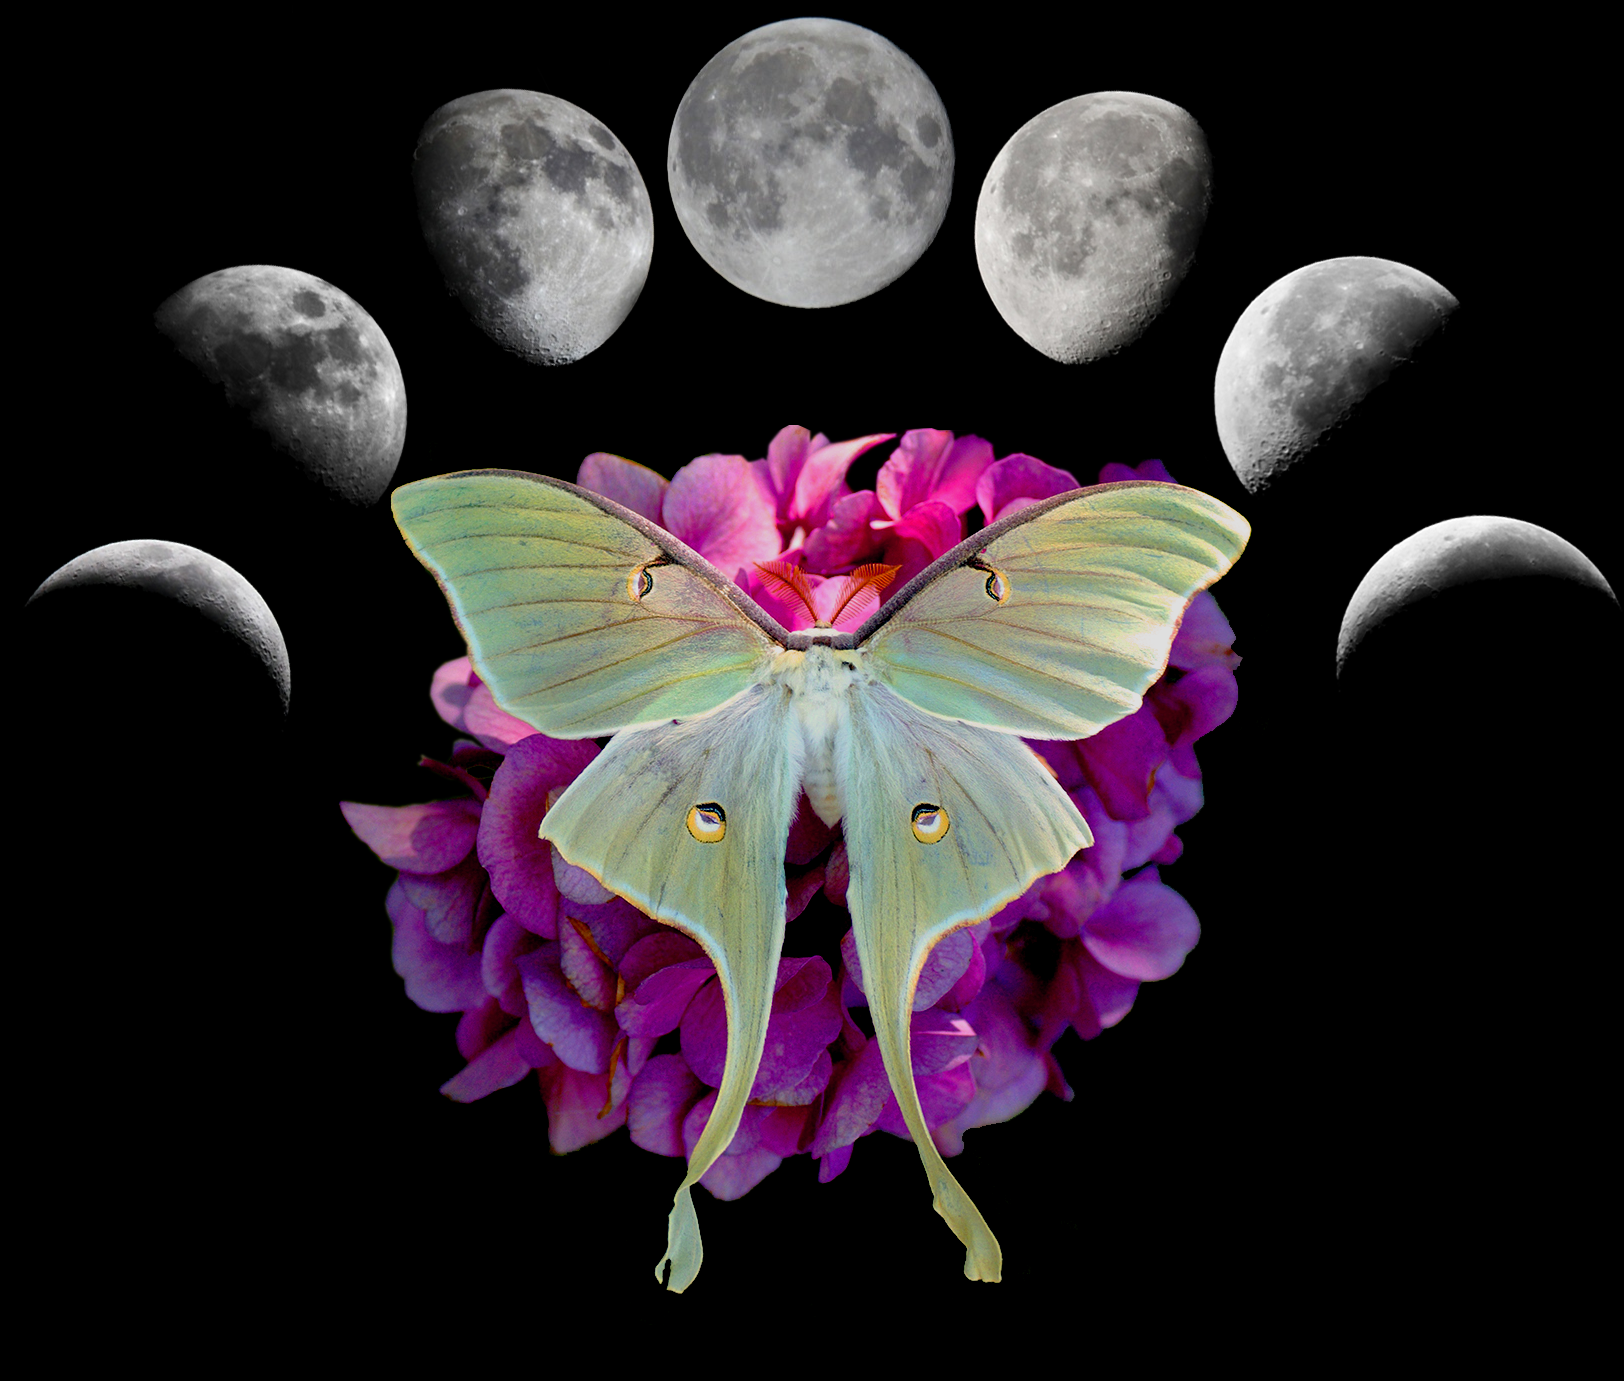 luna-moth-wings-onblack.png